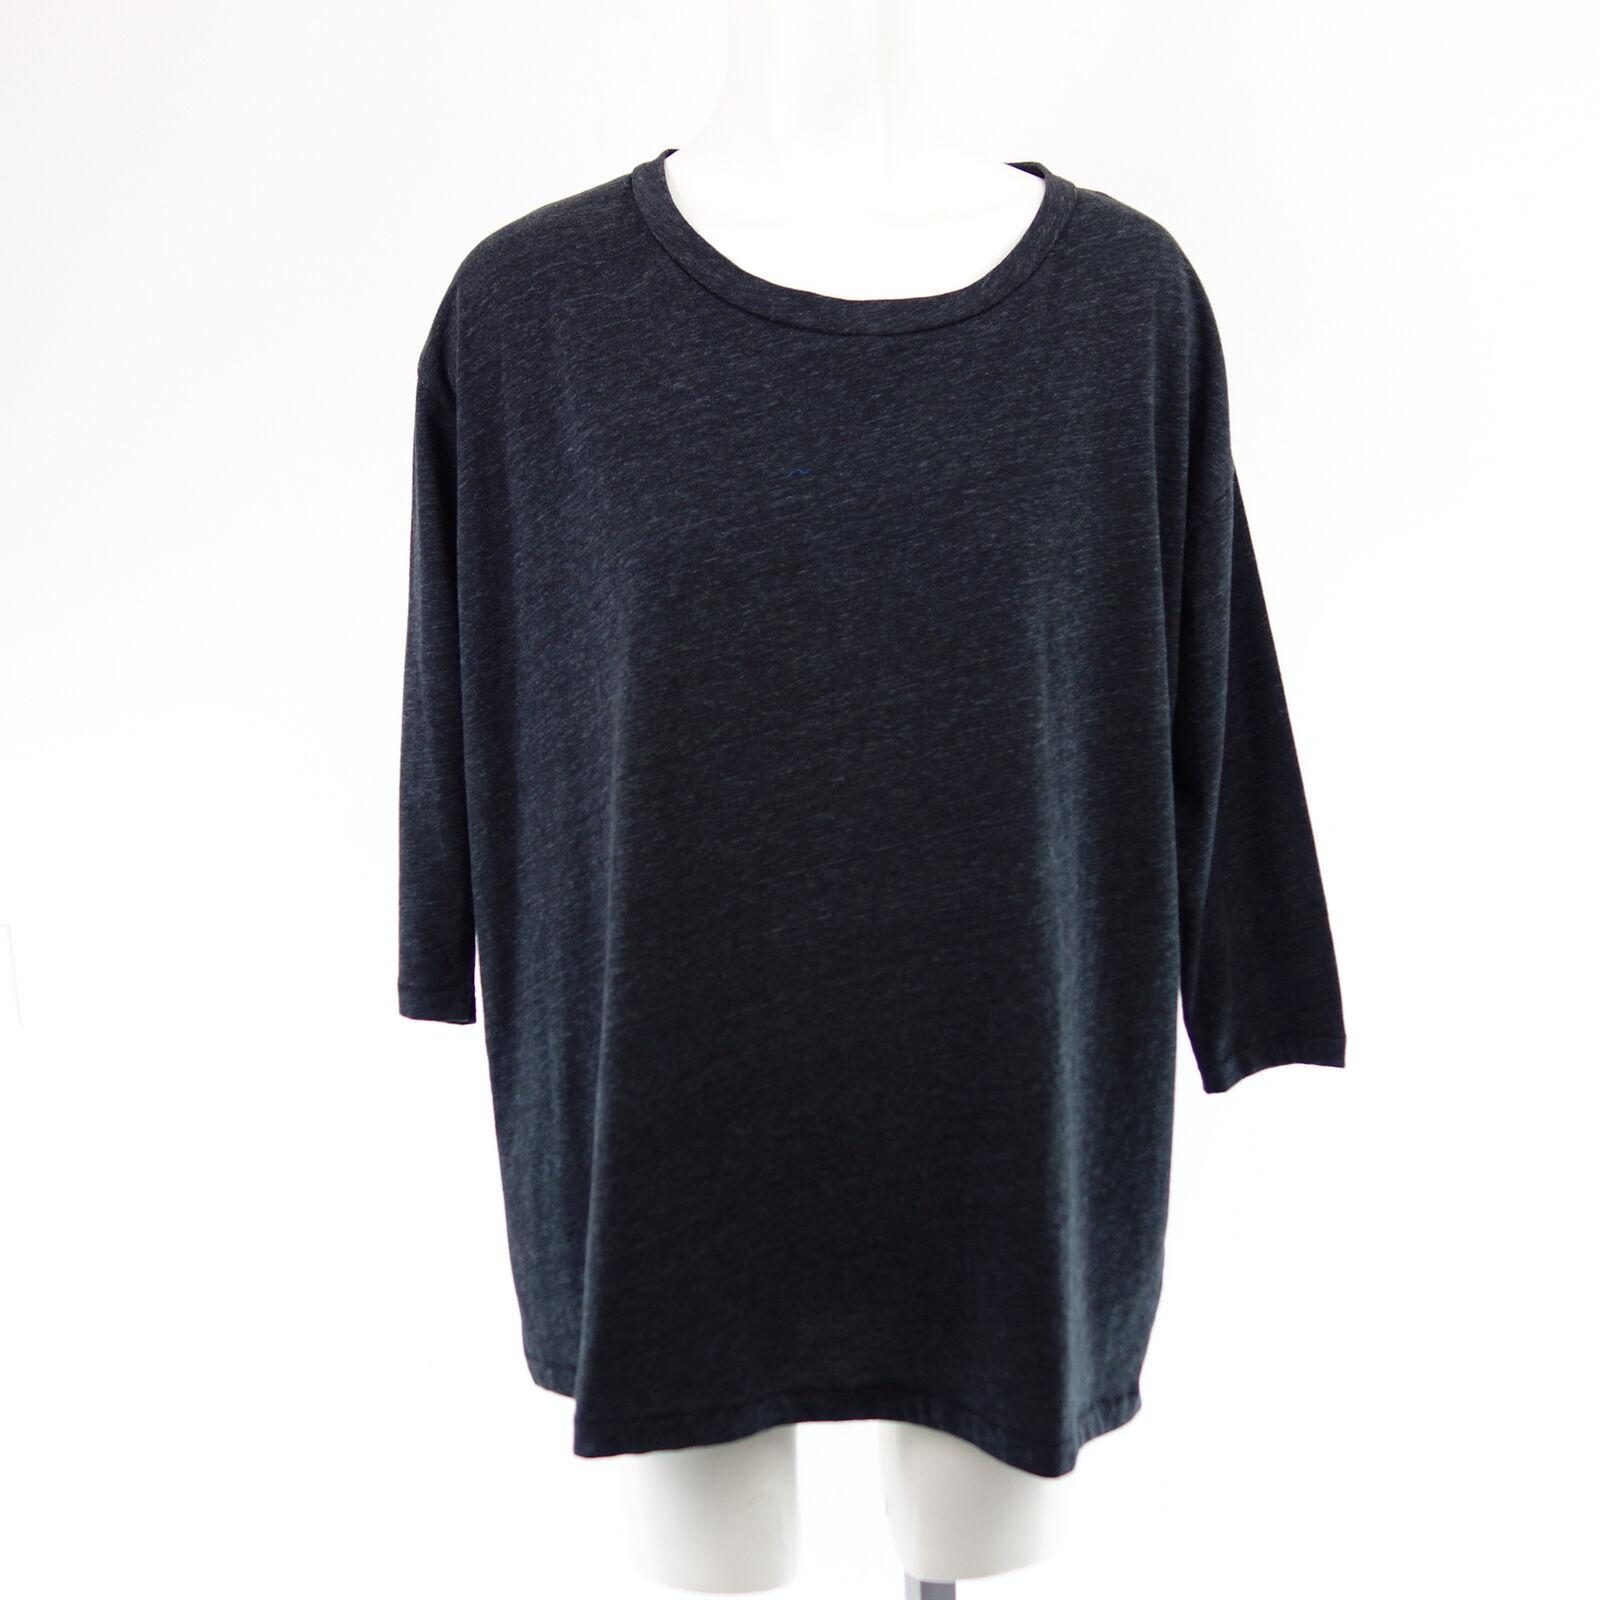 Iheart Donna Shirt Penelope S 36 Nero Girocollo Cotone Poliestere NP 89 NUOVO